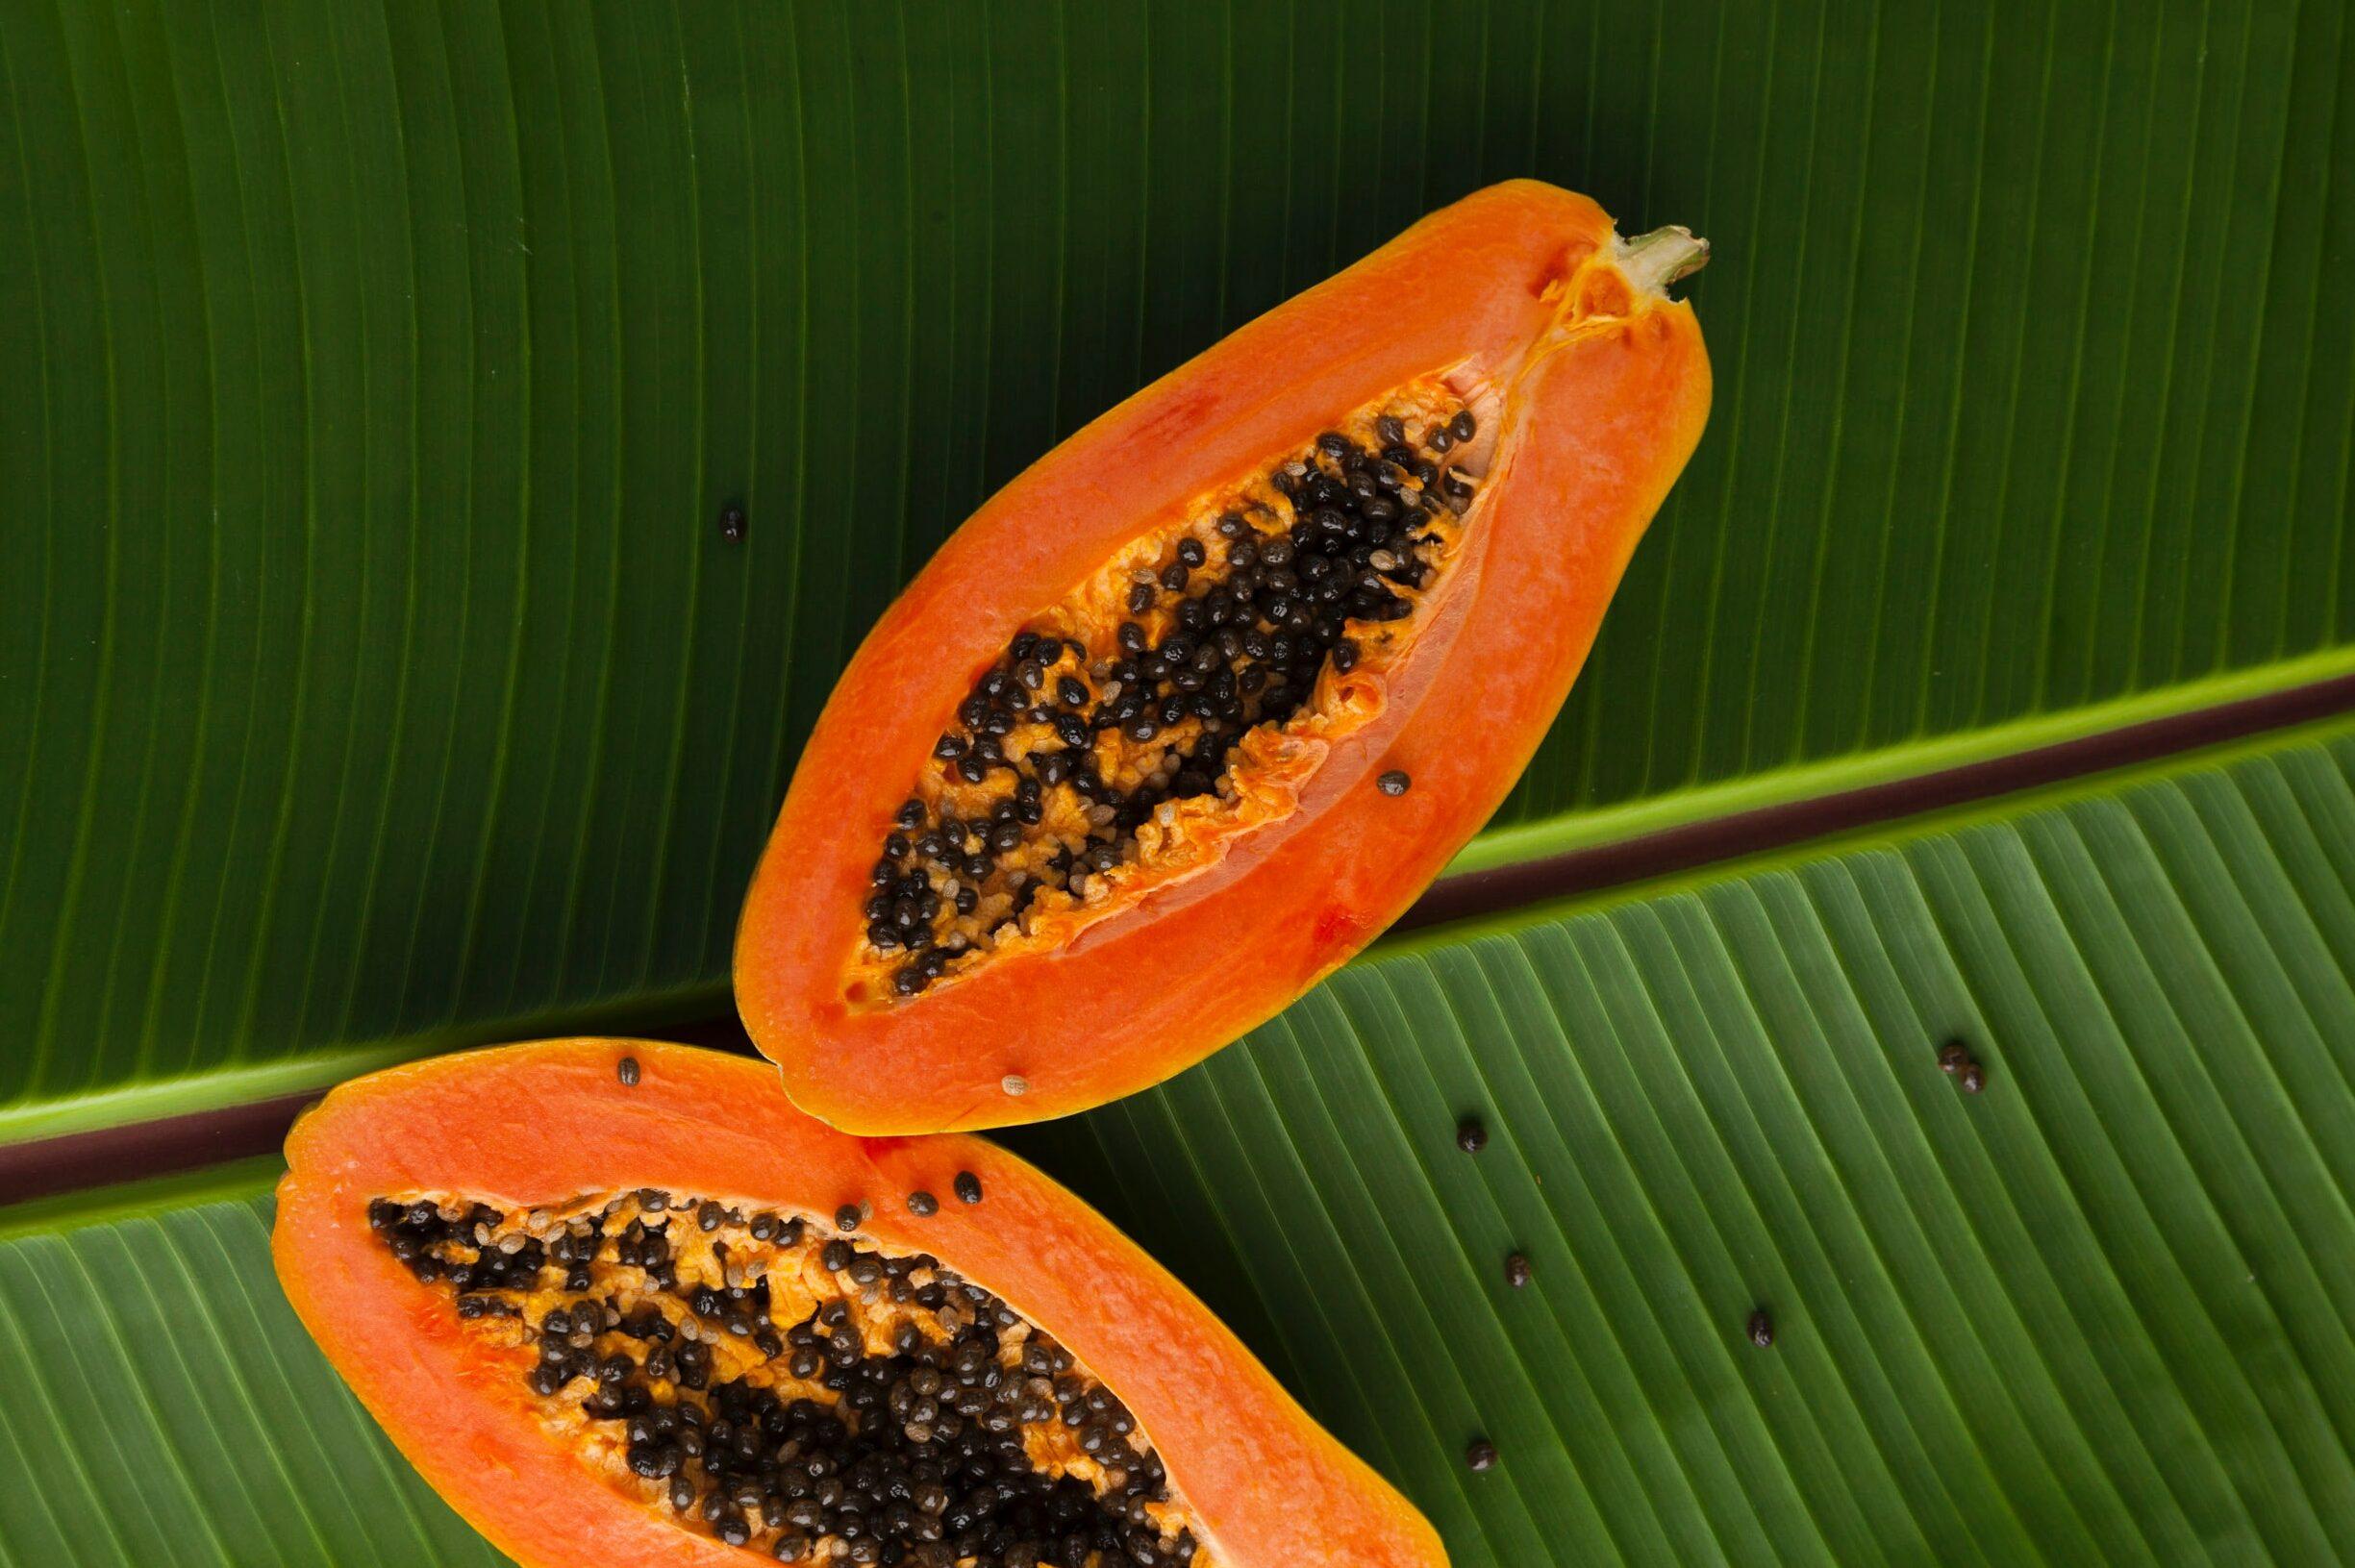 Die Papaya ist eine der wenigen Obstsorten, die während eine ketogenen Diät gegessen werden darf.